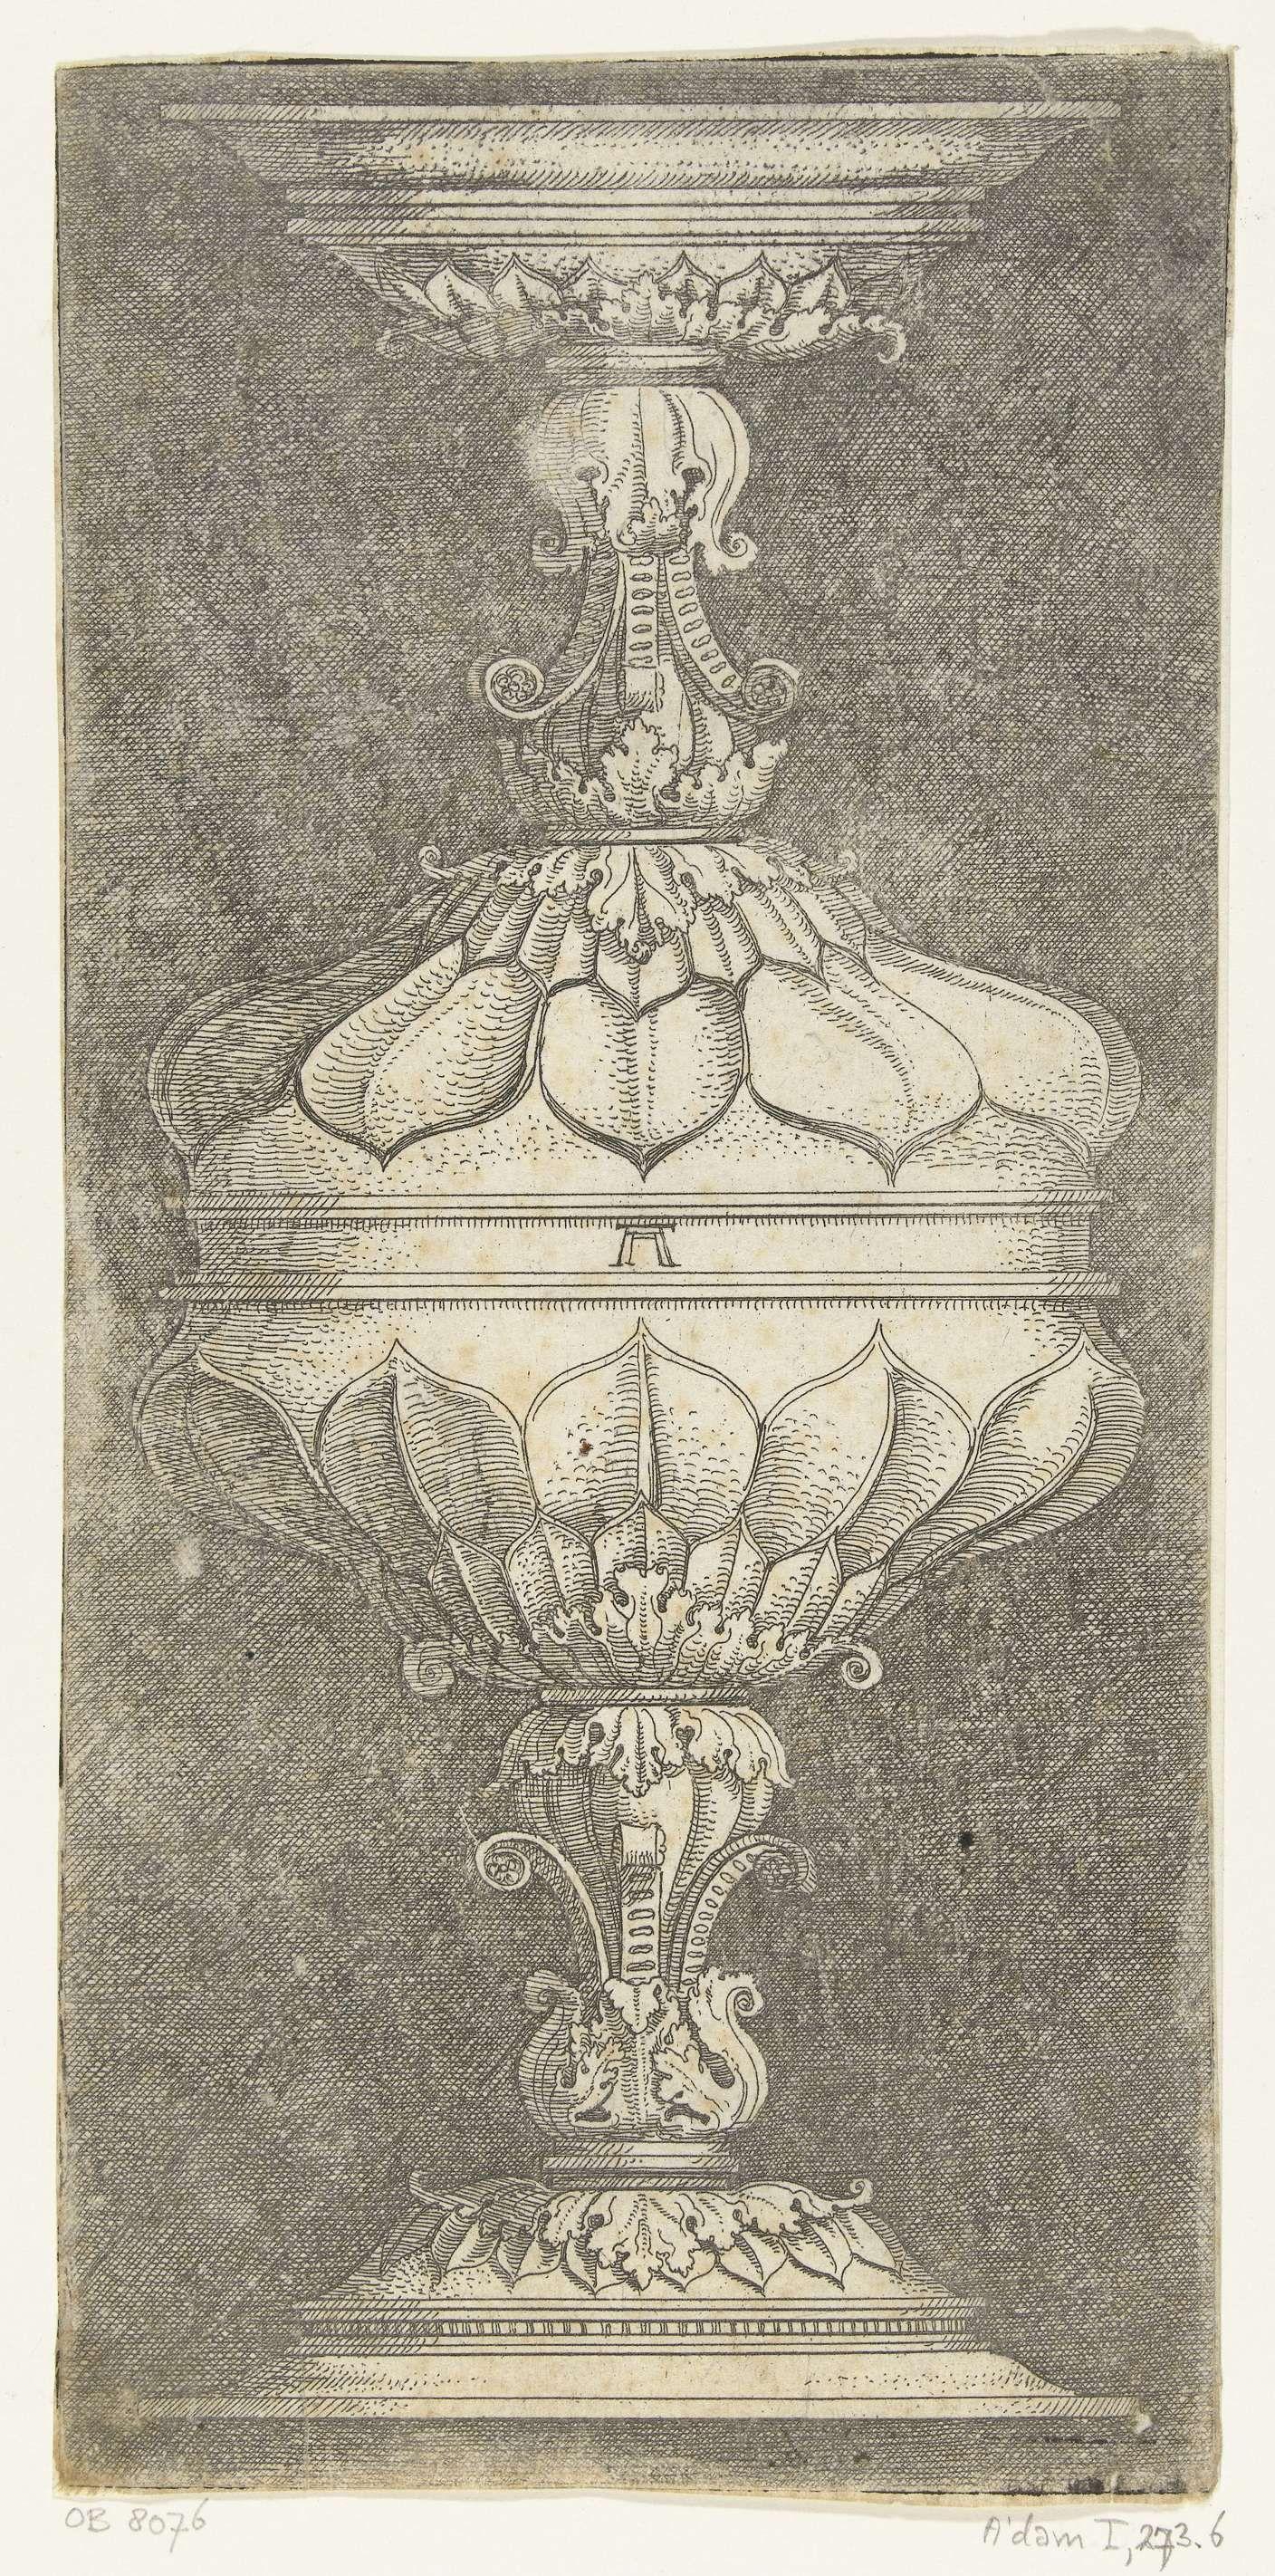 Albrecht Altdorfer | Dubbele bokaal, gedecoreerd met bladeren, Albrecht Altdorfer, Anonymous, 1490 - 1538 | Eén van 11 bladen uit een serie van 22. Gearceerde achtergrond.